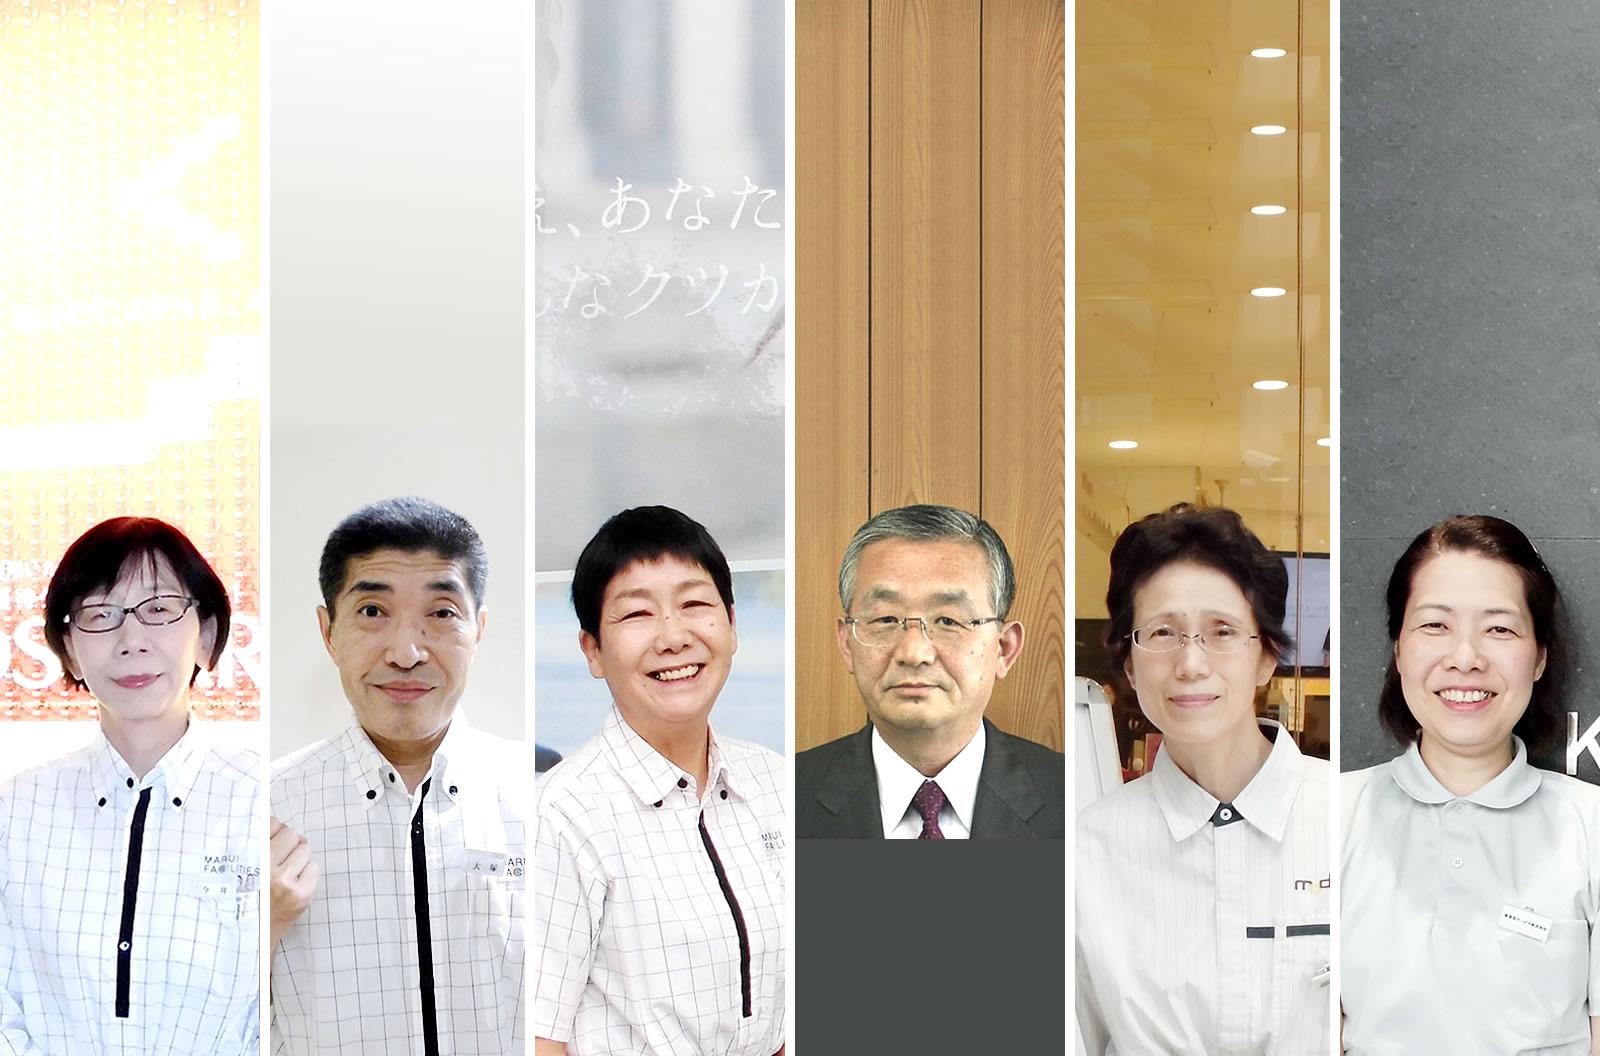 新東京サービス|社員イメージ画像